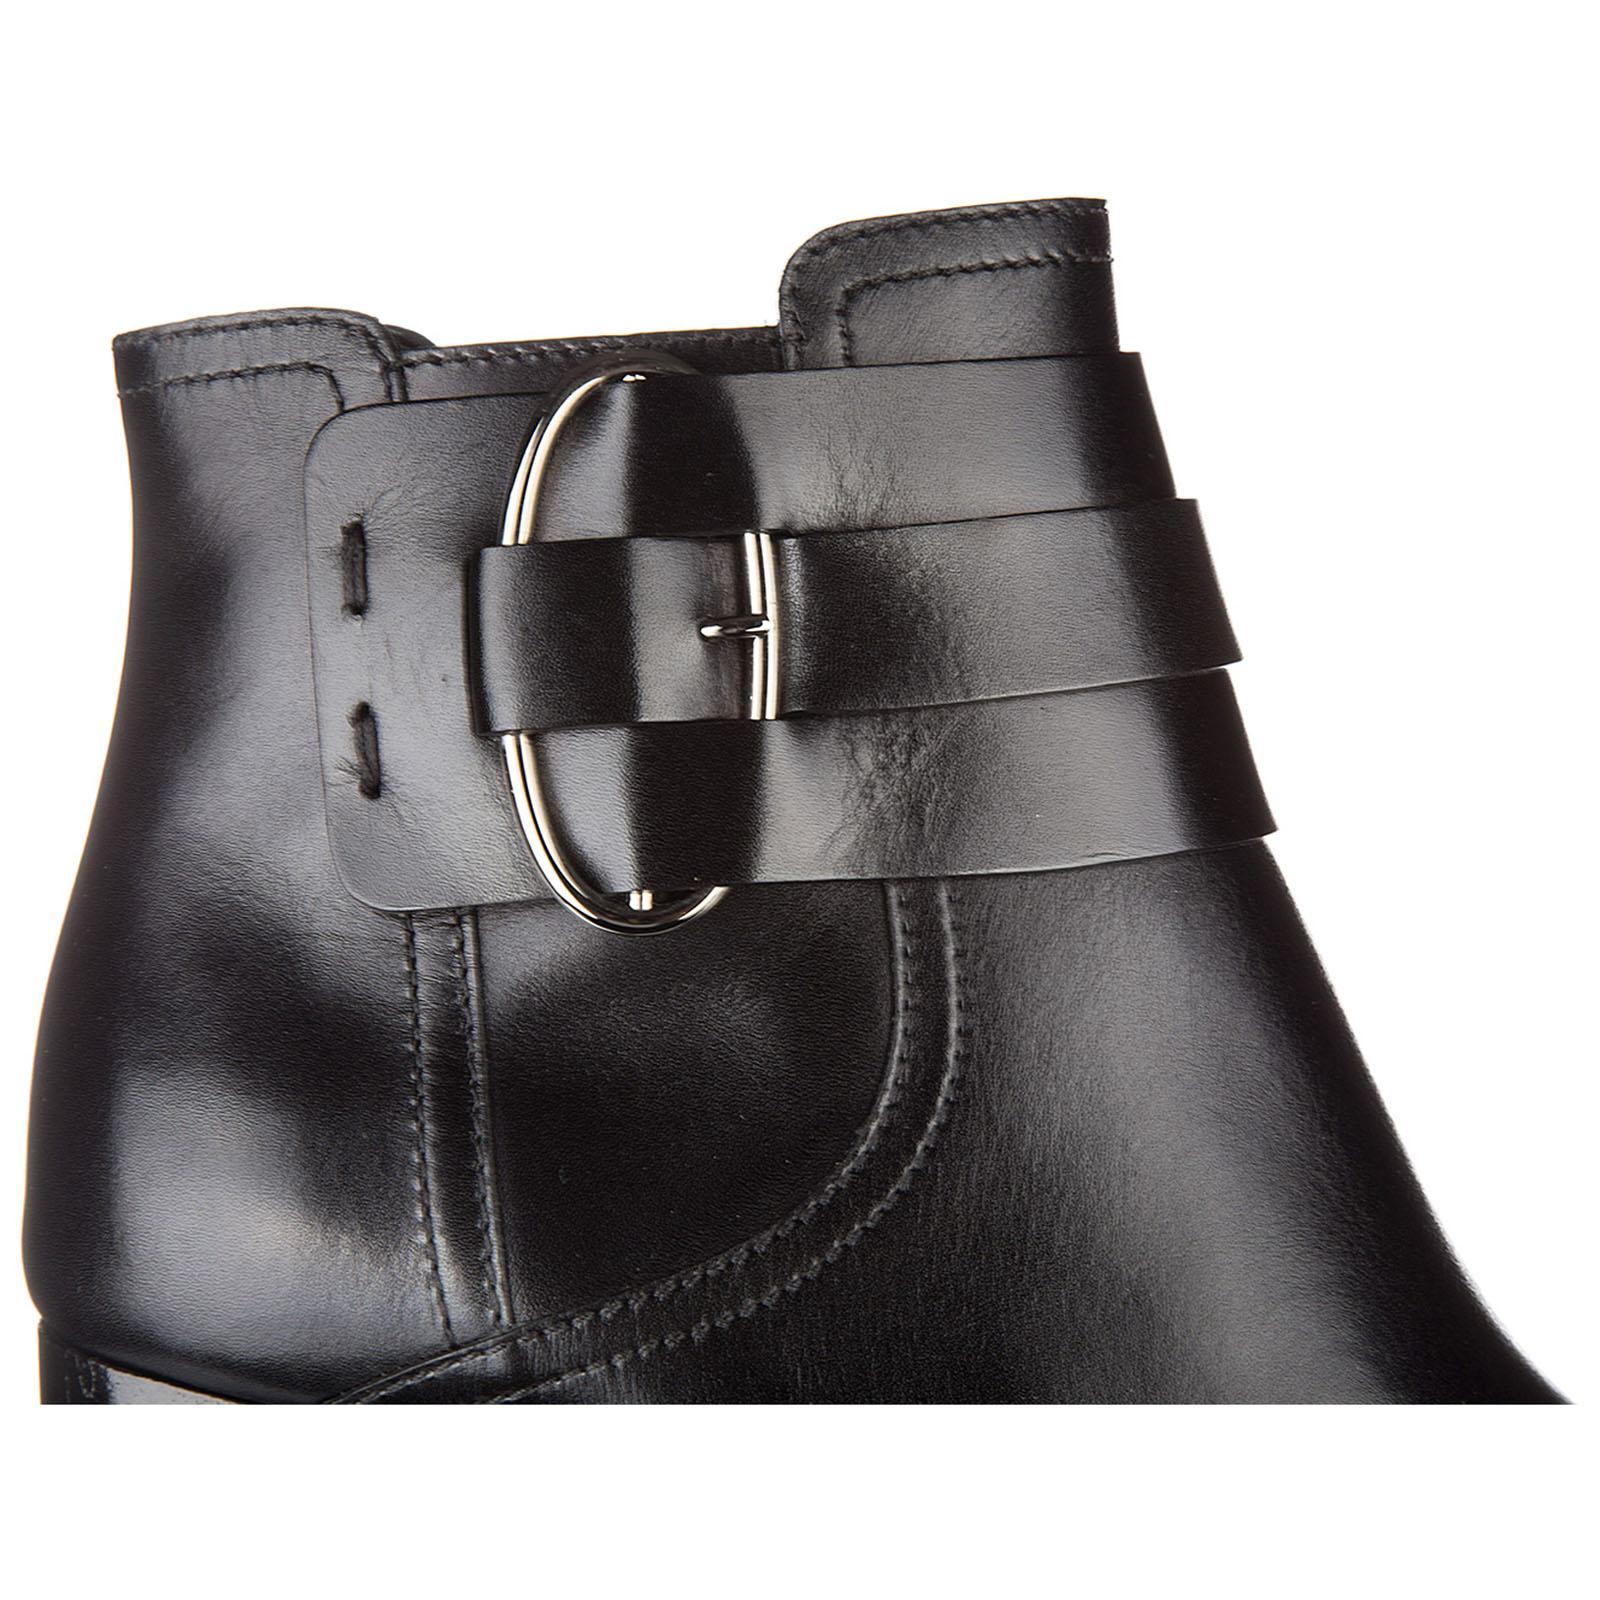 Stivaletti stivali donna con tacco in pelle tronchetto